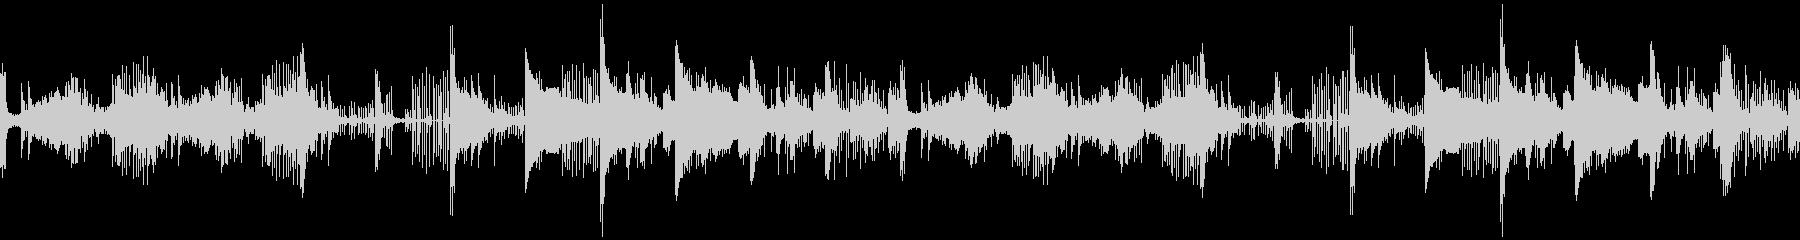 ハロウィン・ホラー系楽曲の未再生の波形